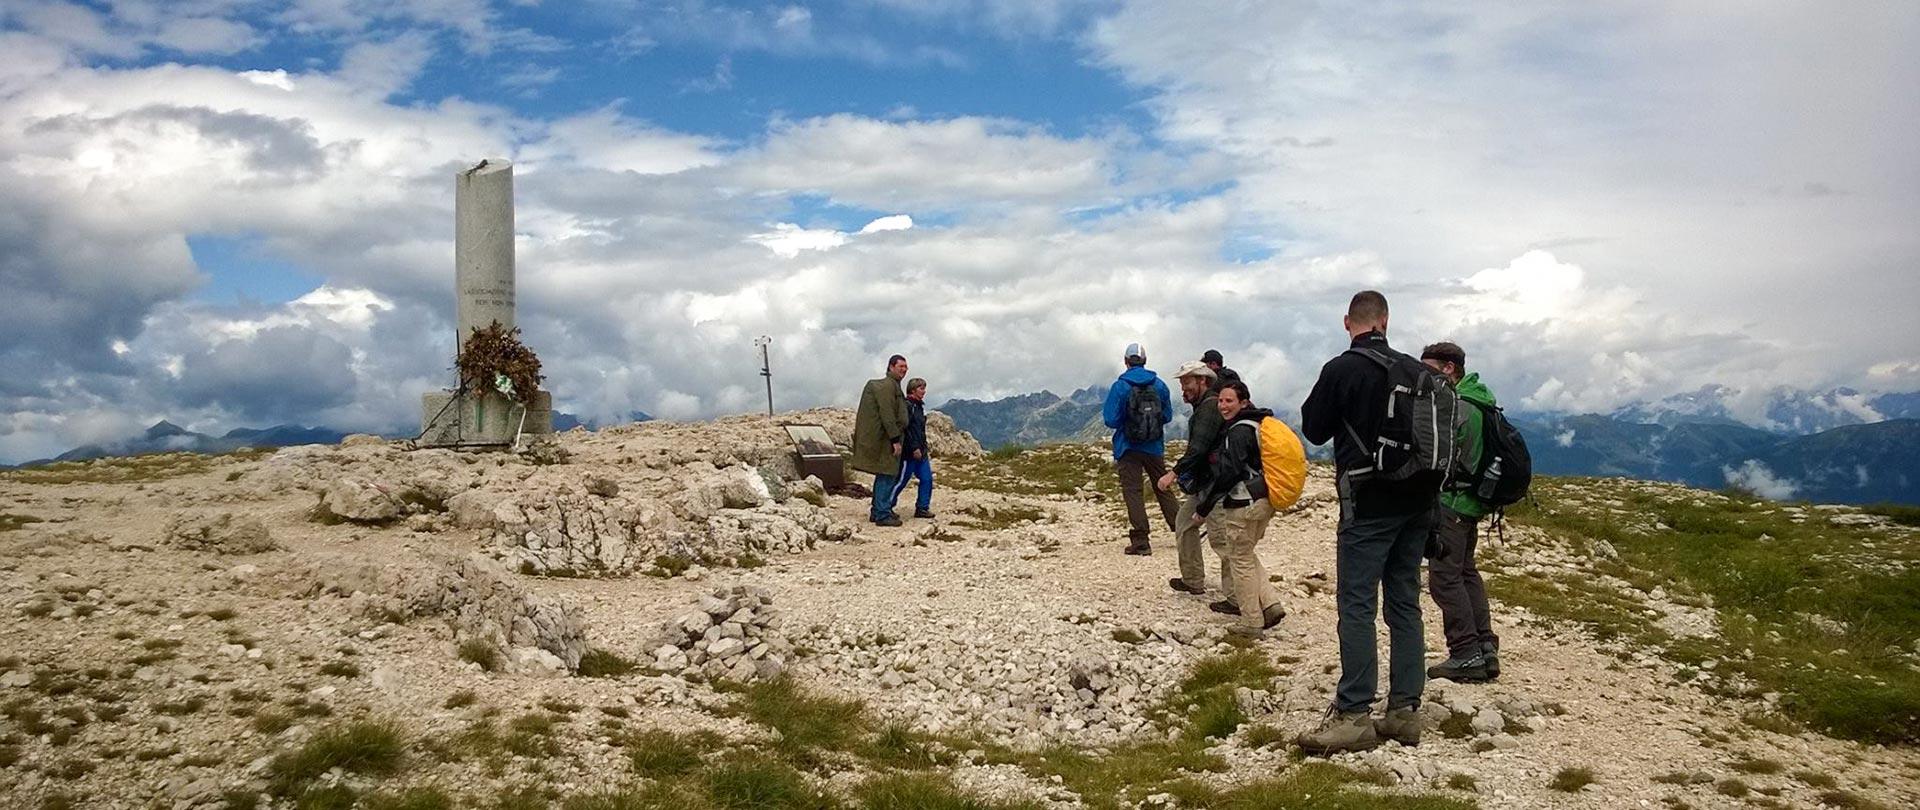 Escursionisti attorno alla Colonna Mozza sul Monte Ortigara